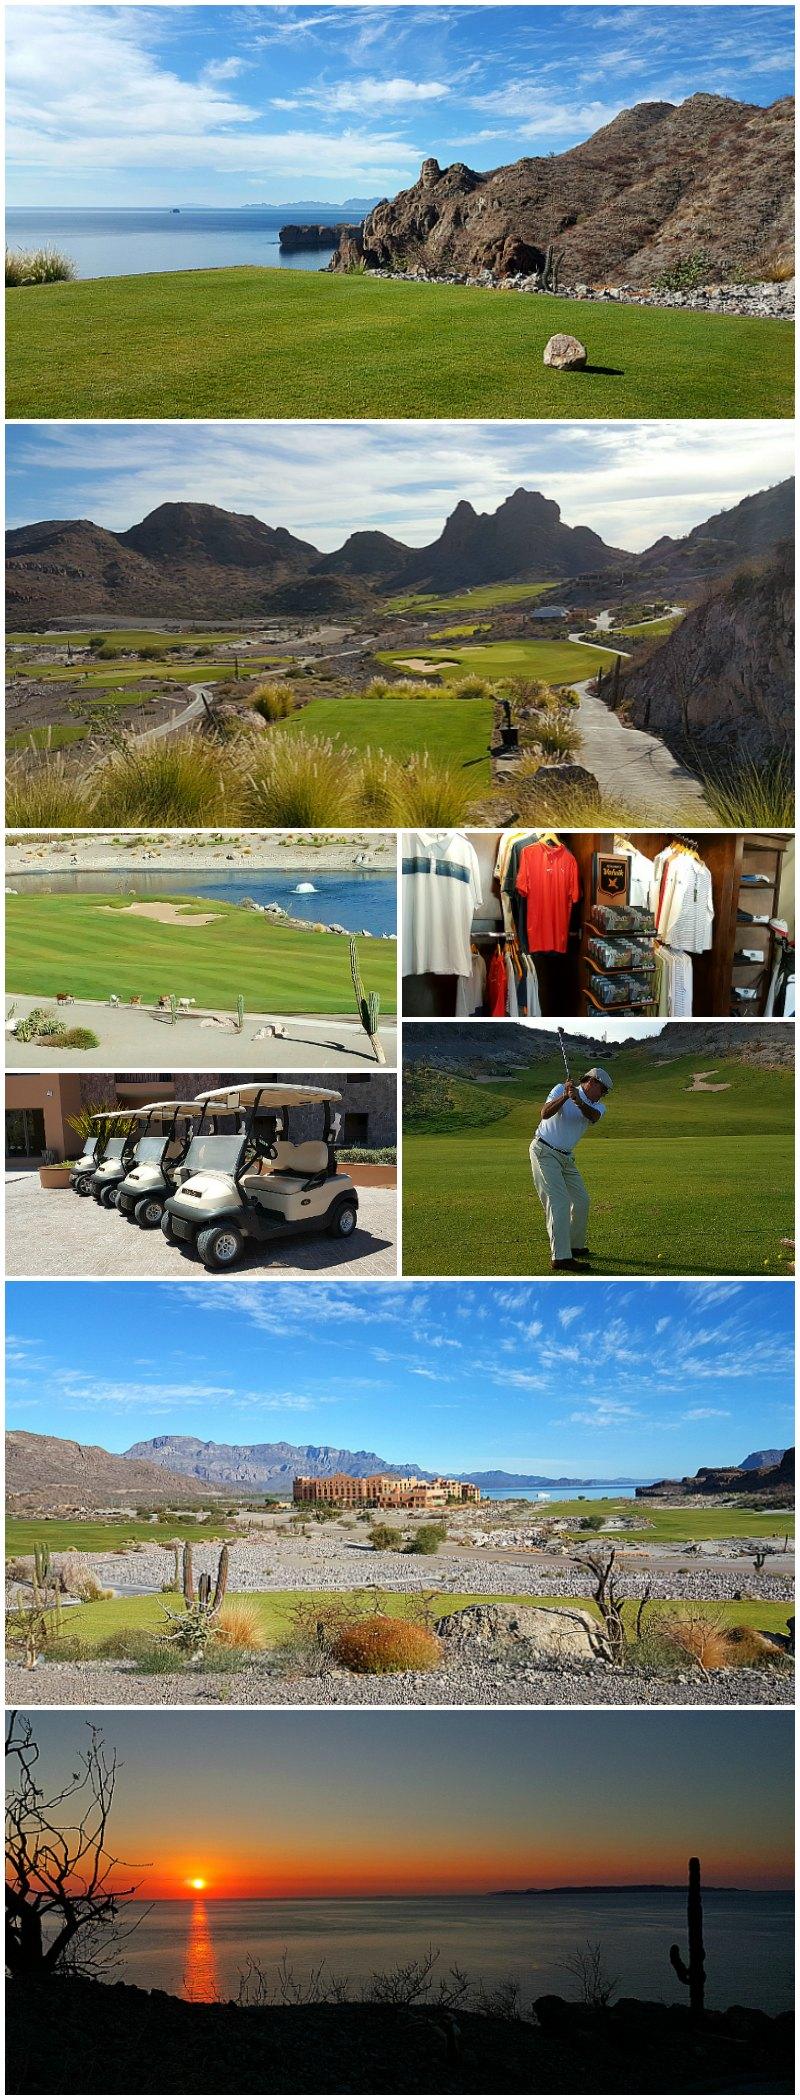 Danzante Bay Golf Course at Villa Del Palmar Islands of Loreto, Baja California Sur, Mexico